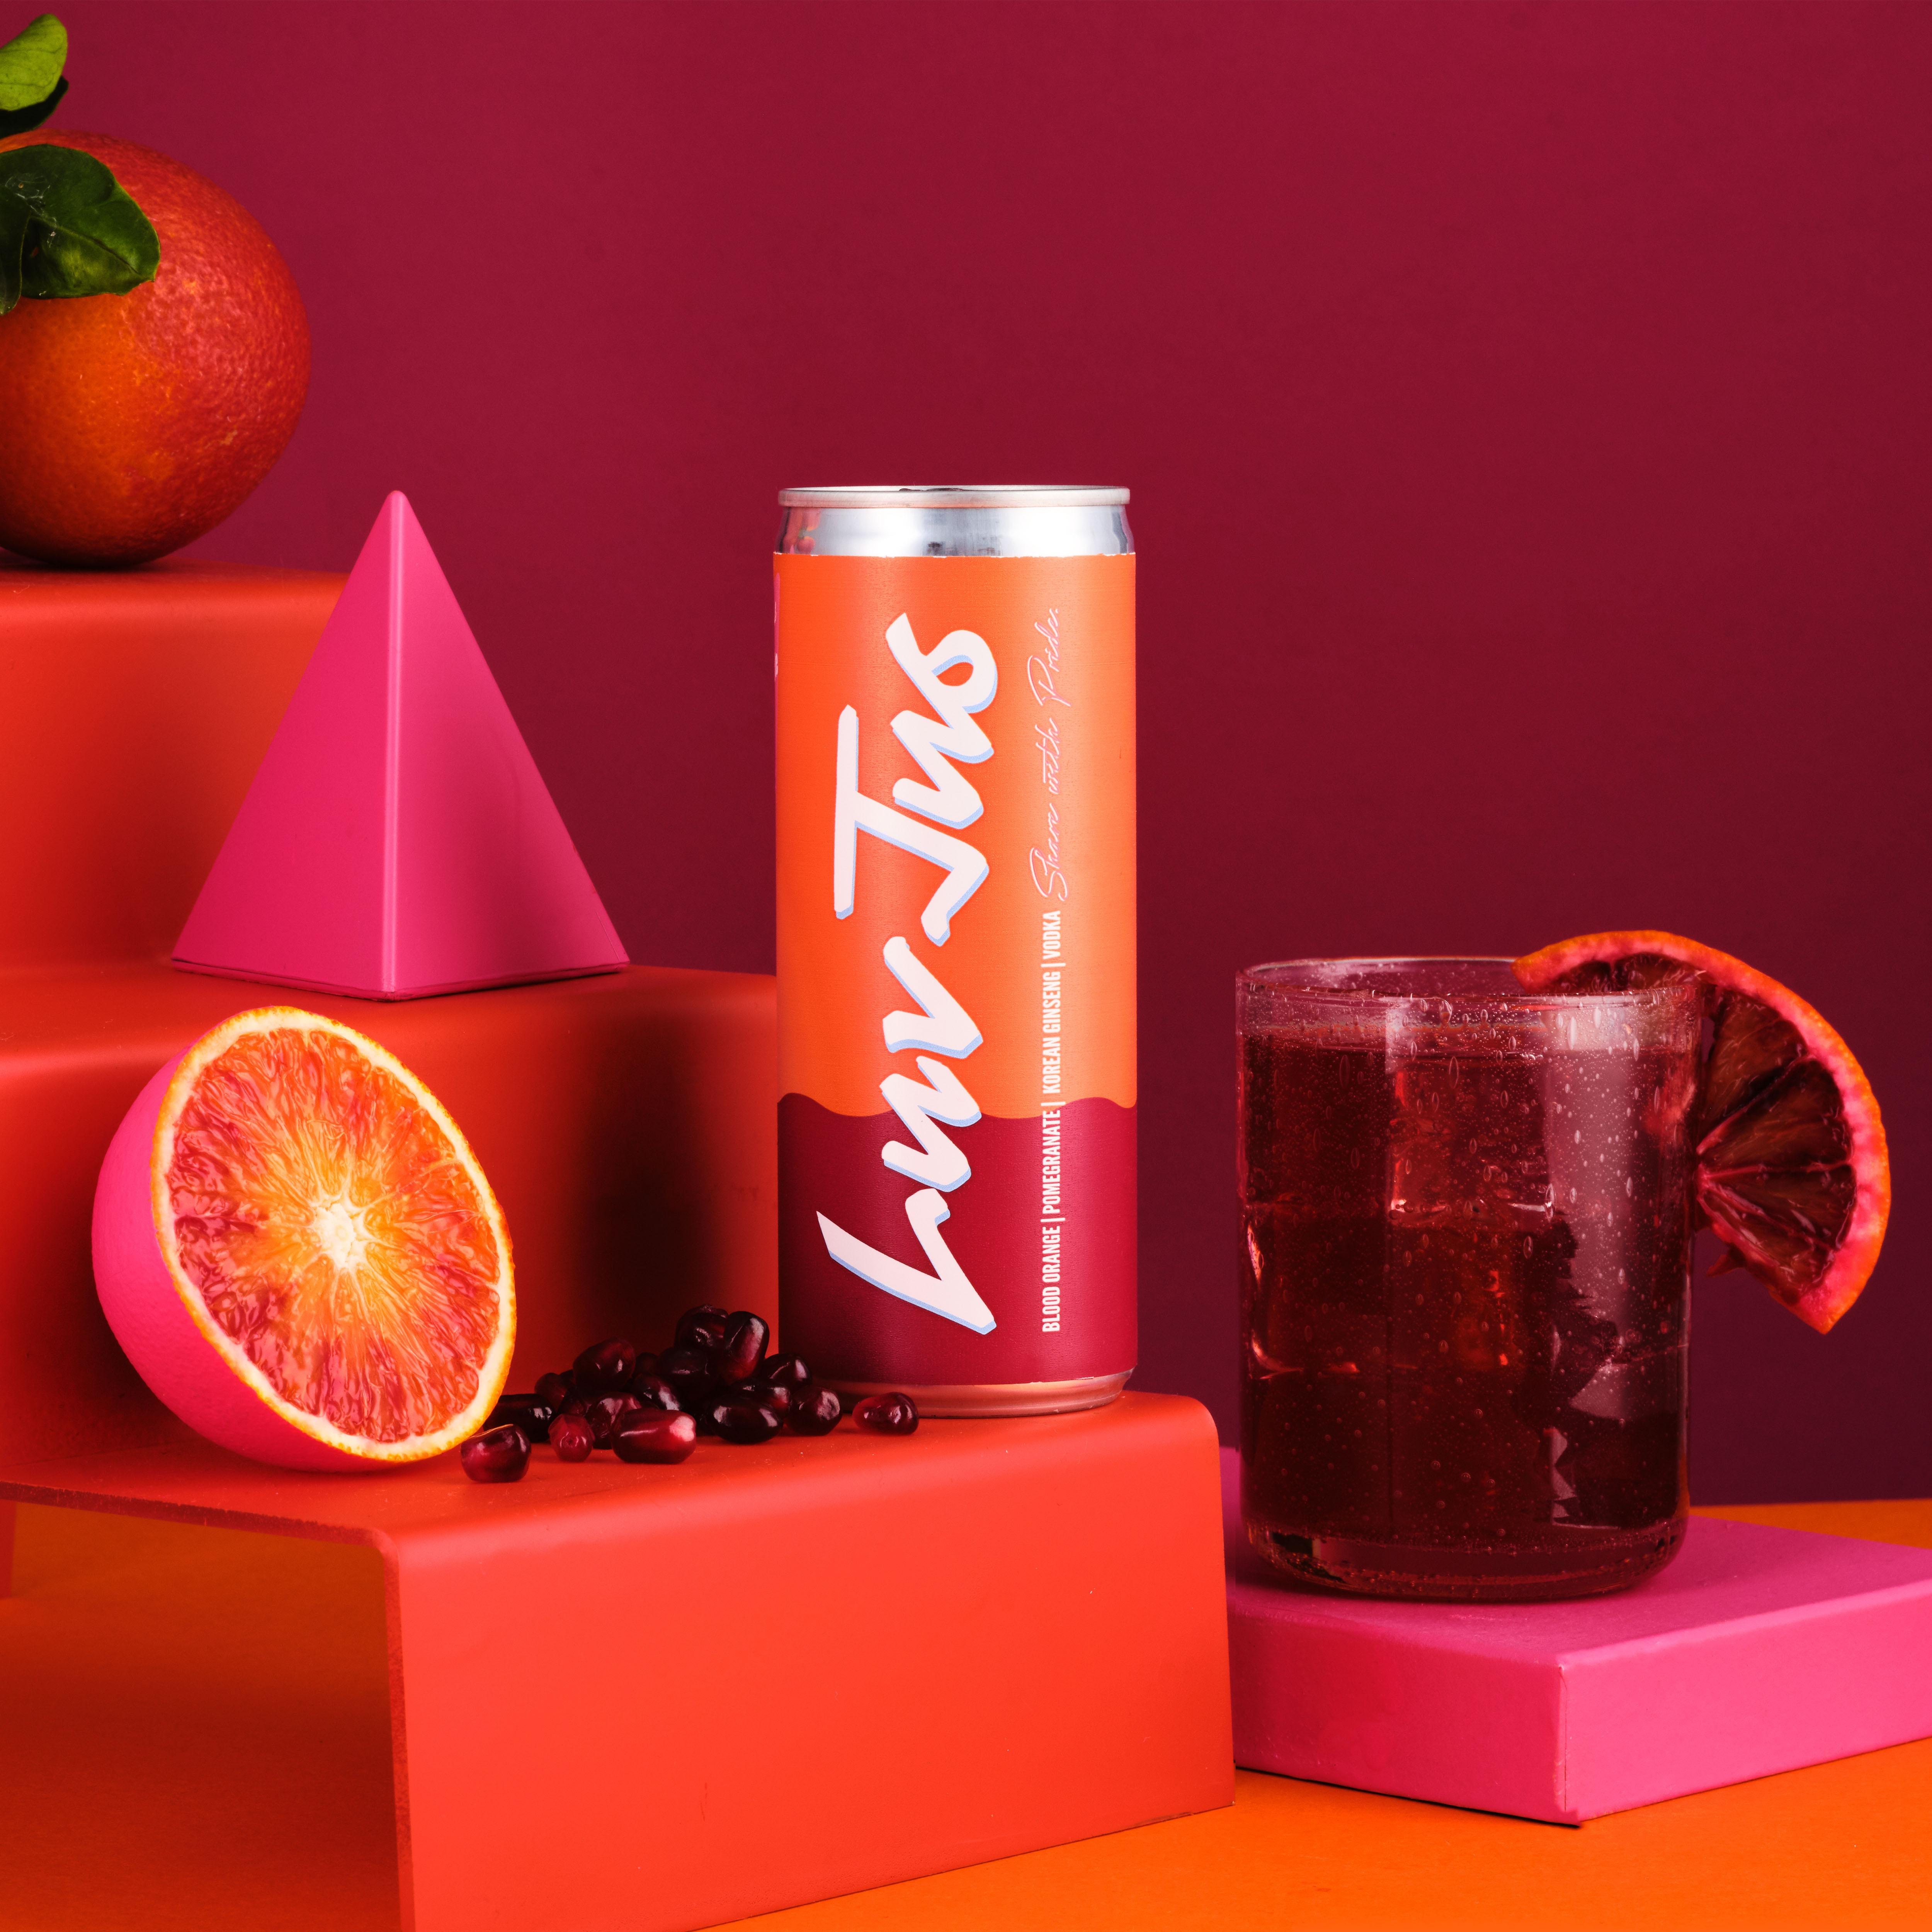 LuvJus Drinks Ltd